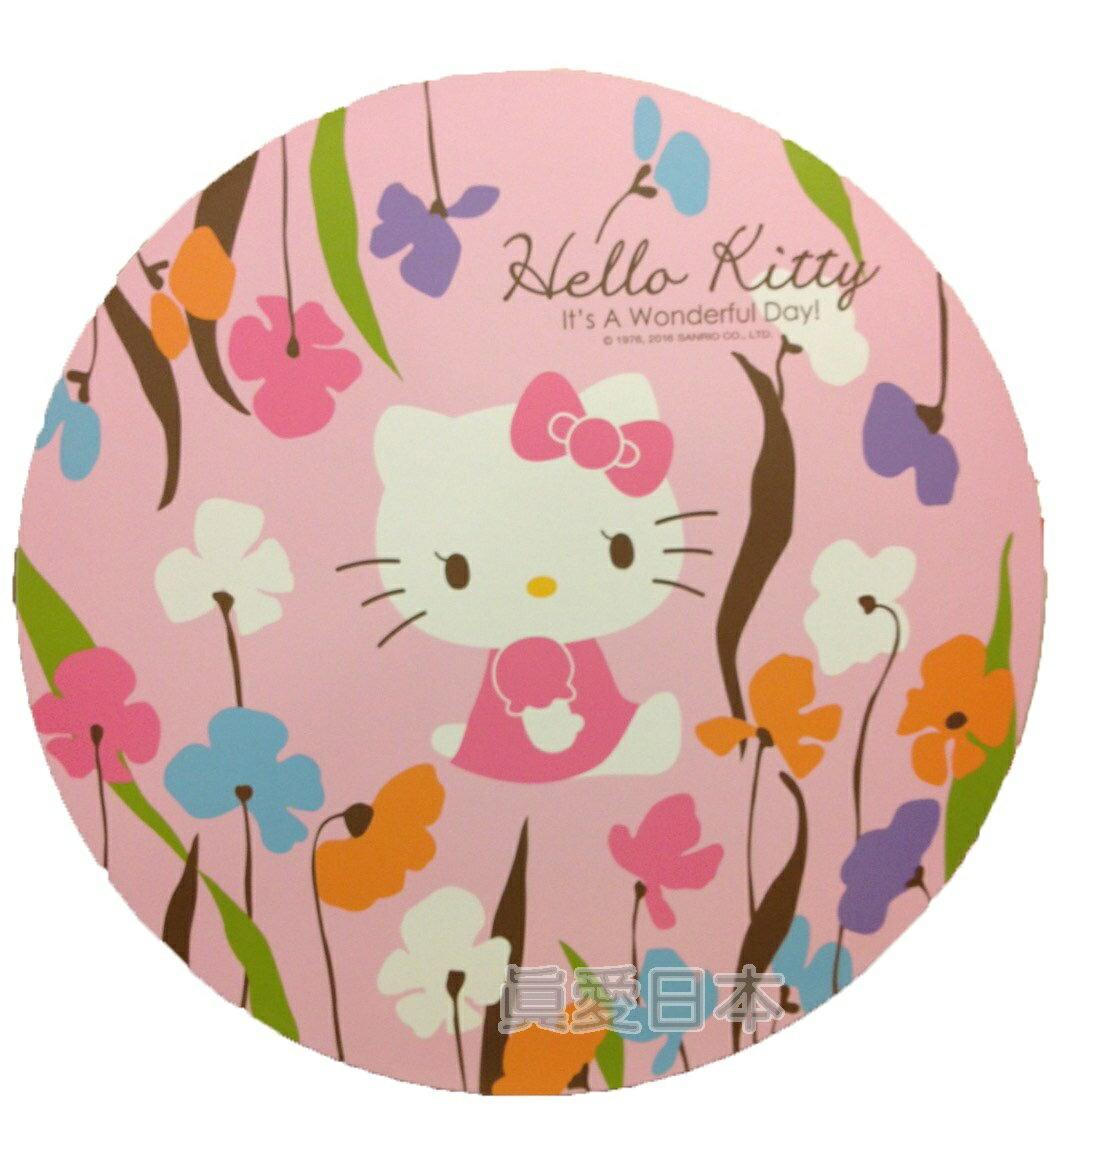 【真愛日本】16042100033環保木製隔熱墊L-KT花花  三麗鷗 Hello Kitty 凱蒂貓 鍋墊 杯墊 墊子 防滑 正品